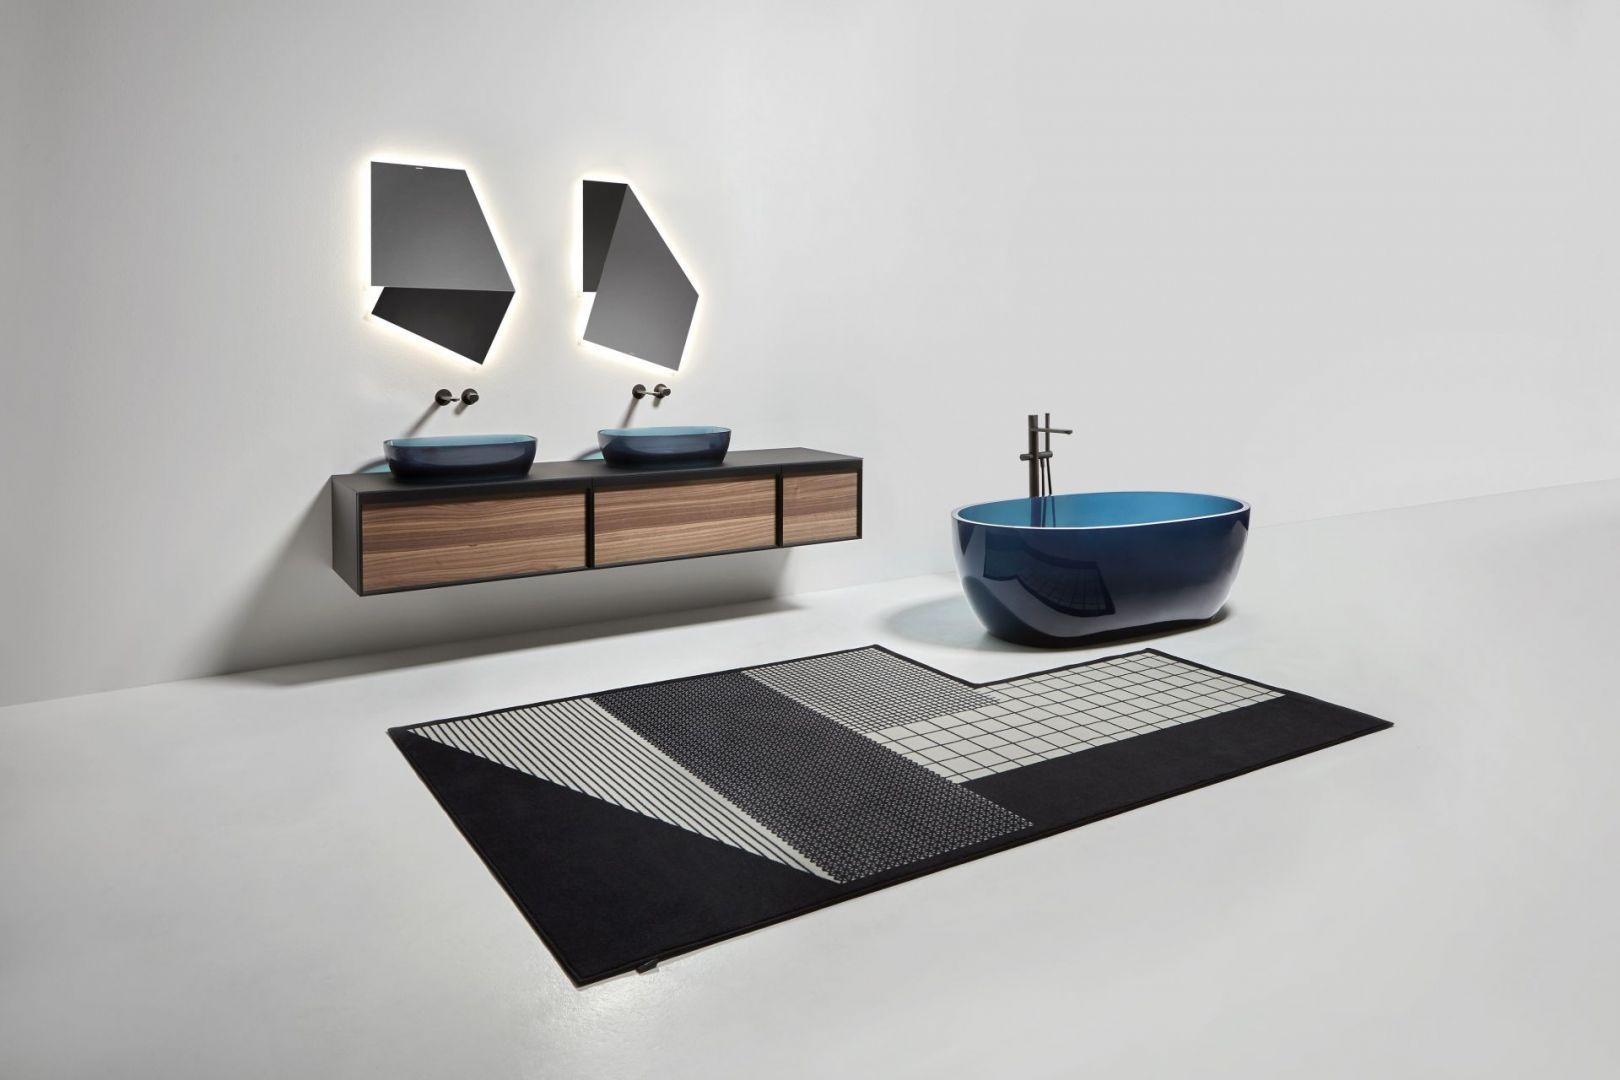 Bemade - nowa kolekcja mebli łazienkowych marki antoniolupi. Fot. mat. prasowe antoniolupi